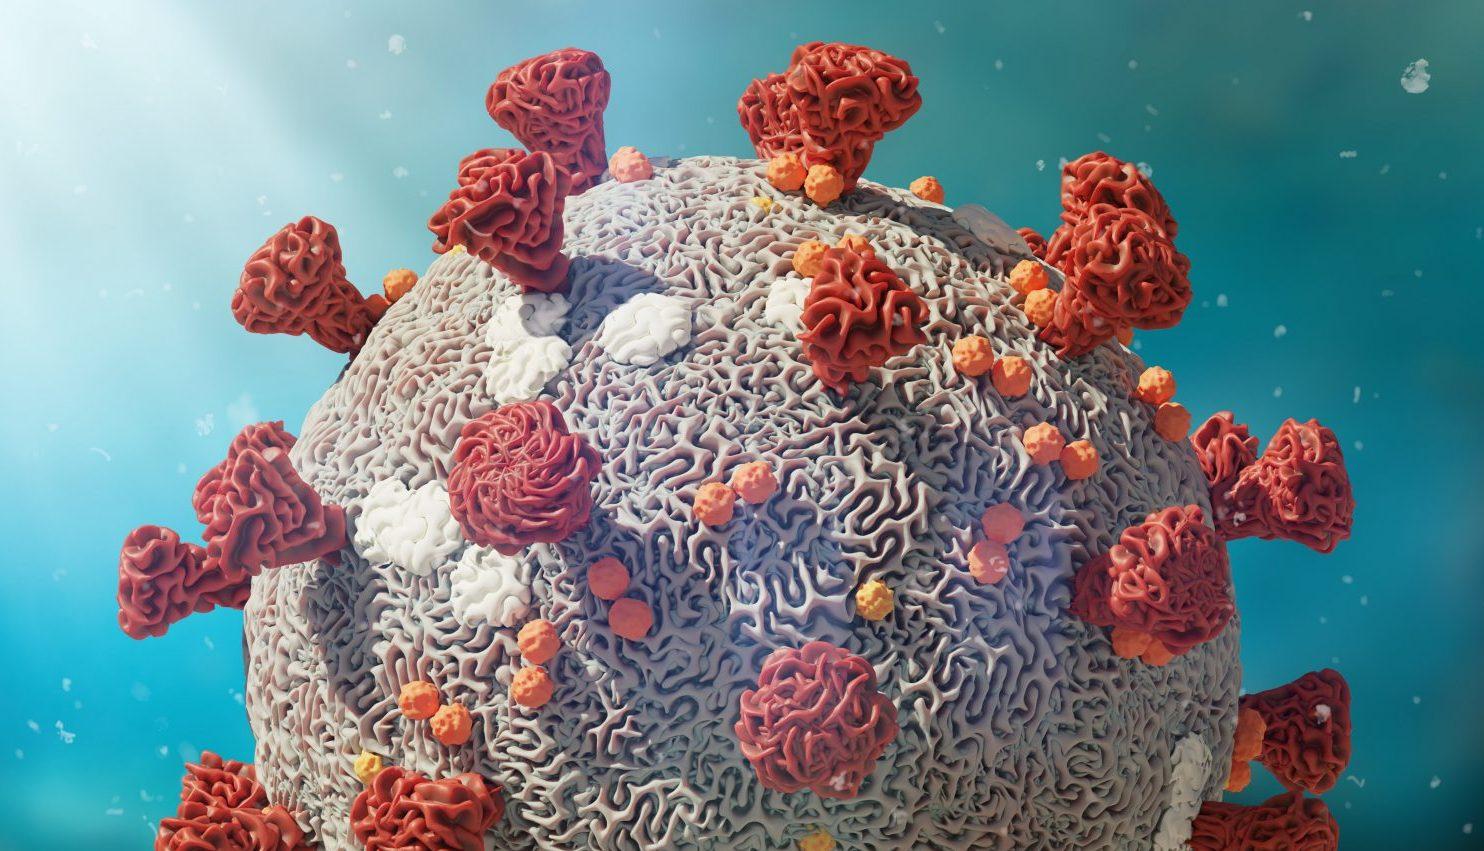 coronavirus outbreak, health threatening virus